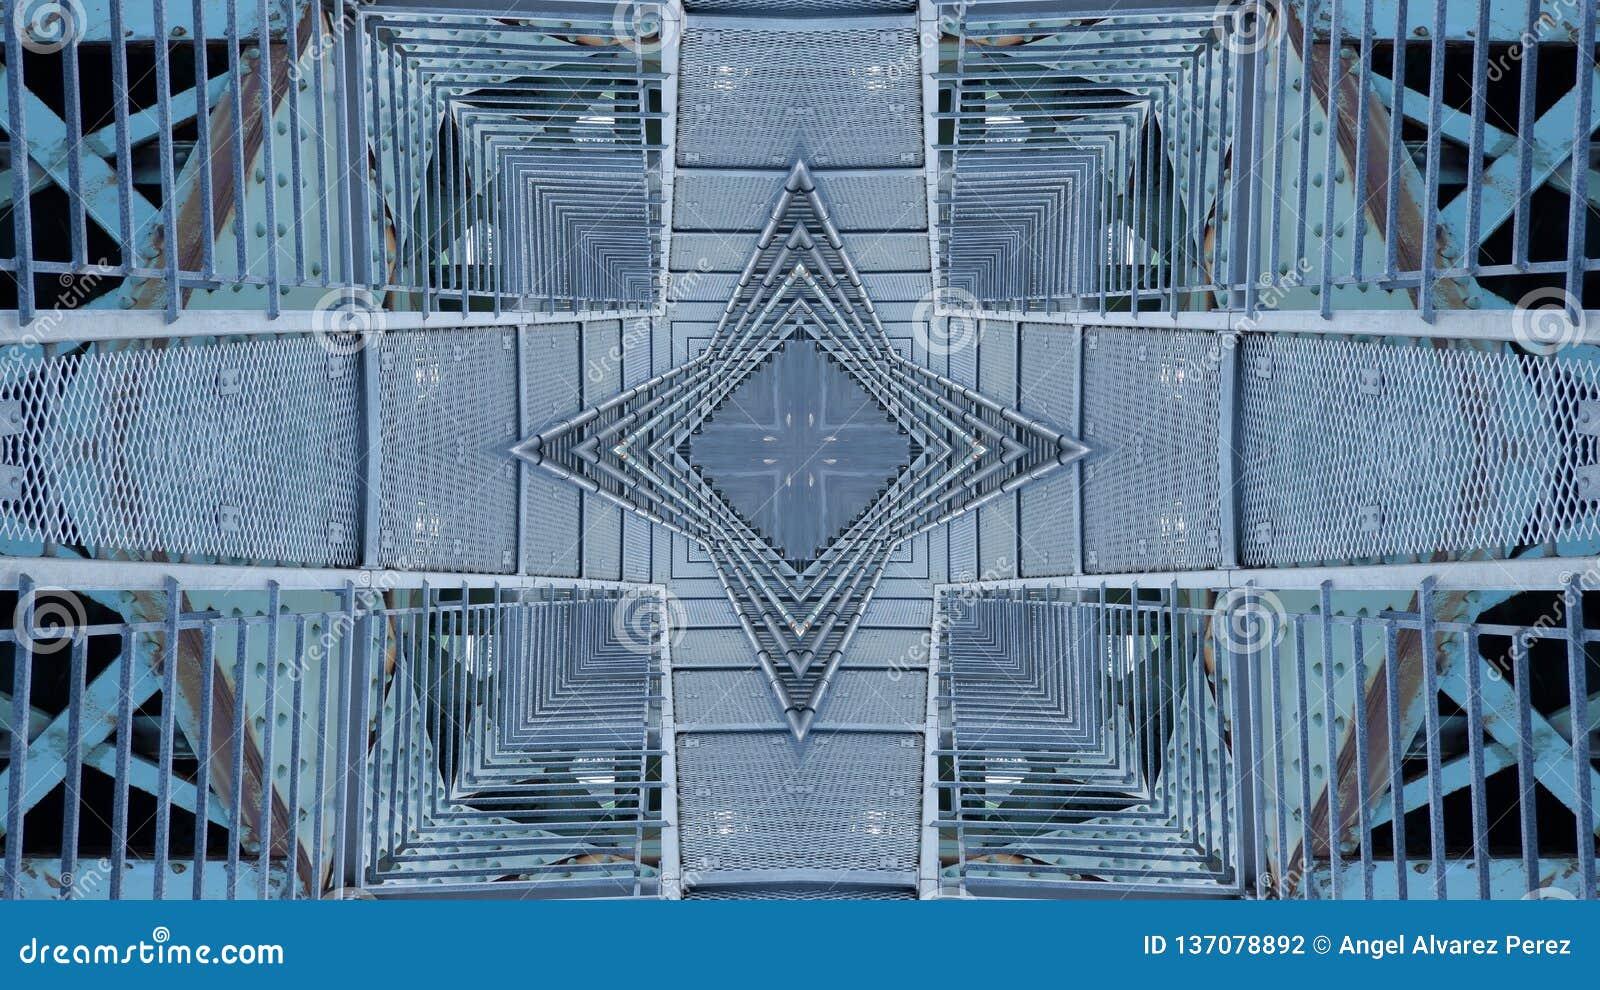 Kunst grafisch ontwerp van stedelijke structuur